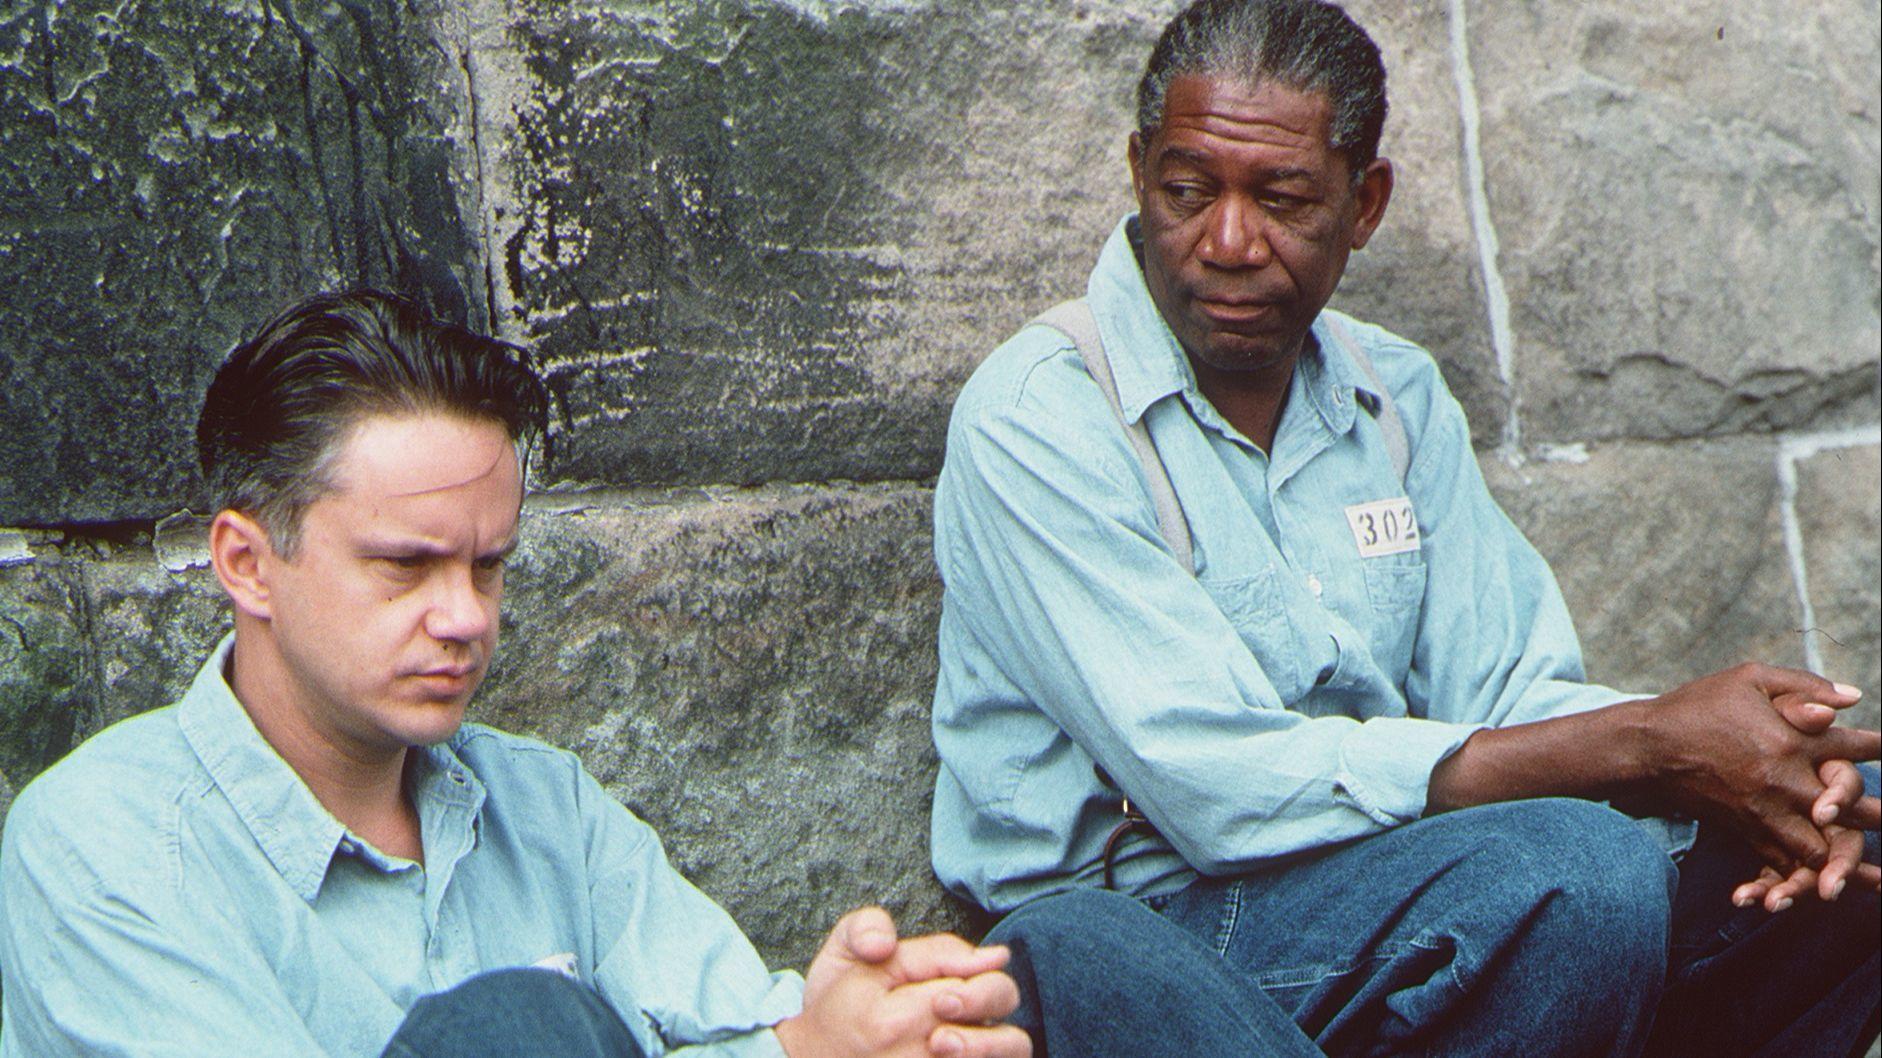 'The Shawshank Redemption'